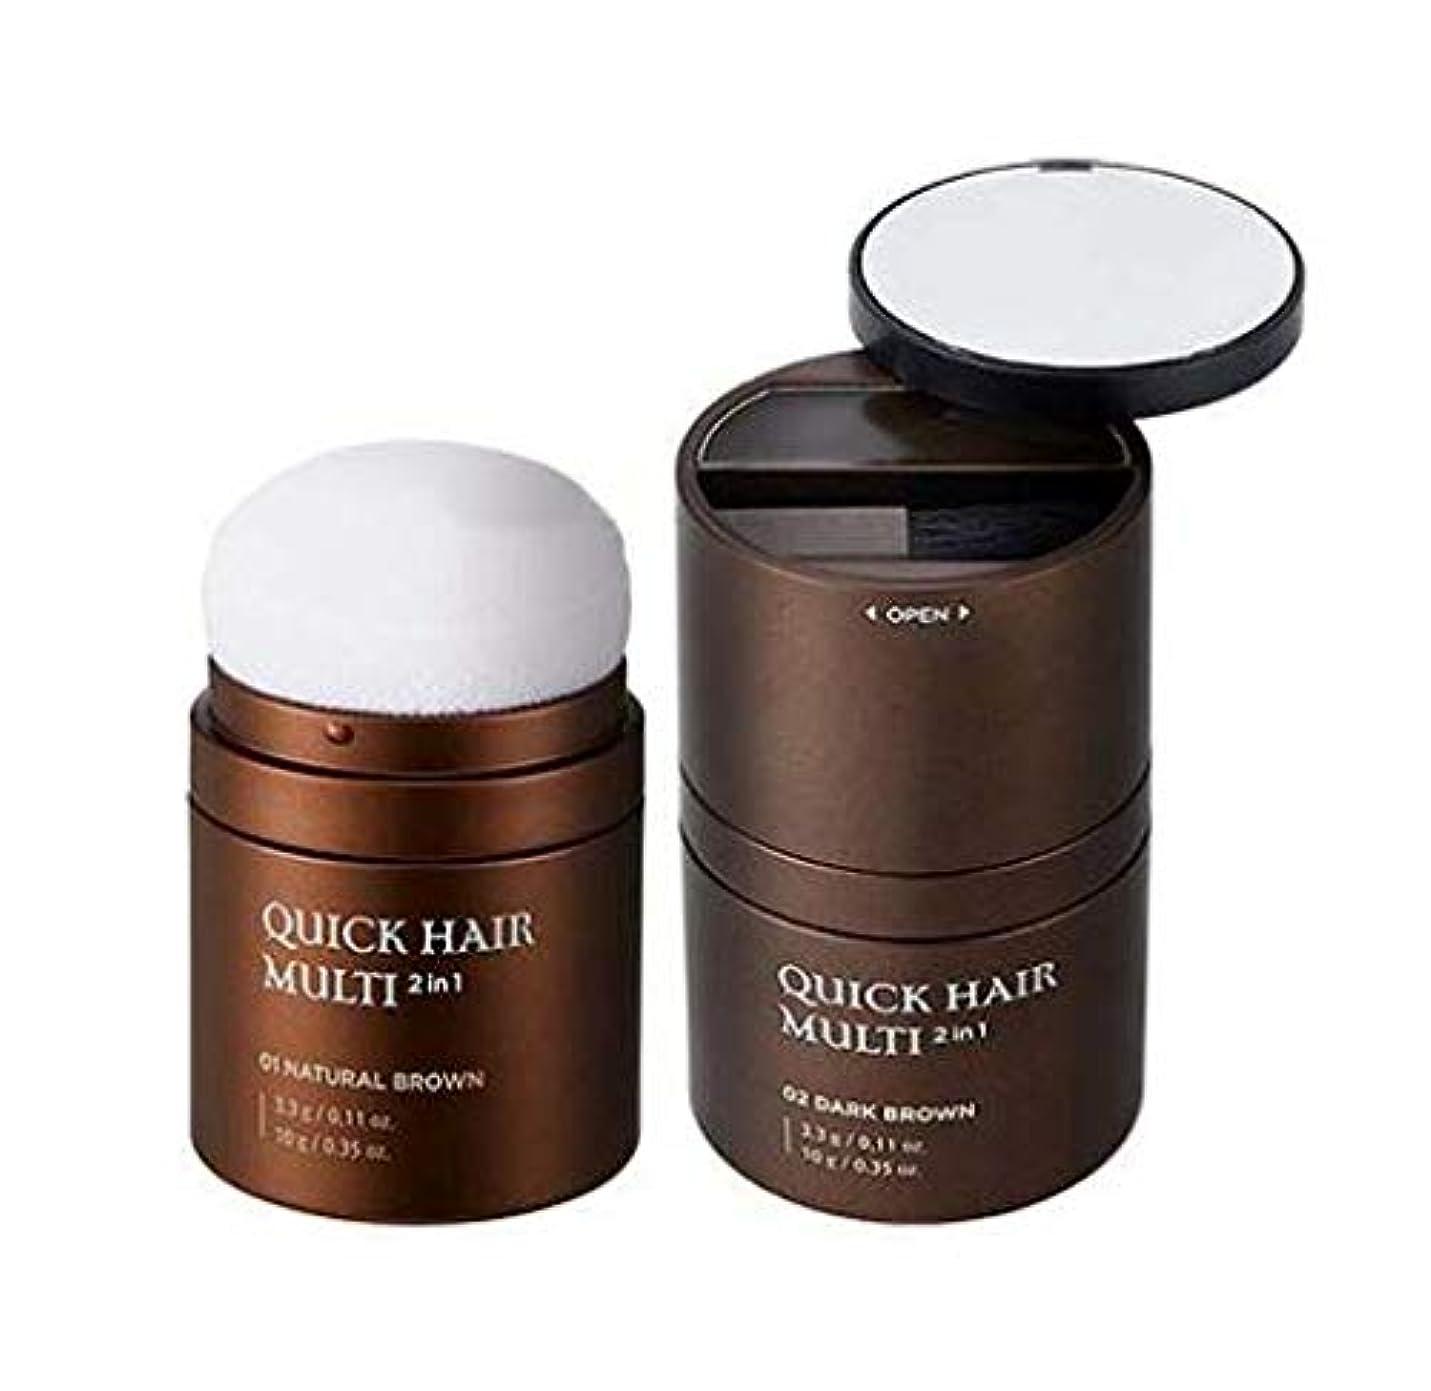 フロンティア絞る予感[ザ?フェイスショップ] THE FACE SHOP [クイック ヘア マルチ_シャドウ+パフ 3.3g+10g] (Quick Hair Multi Shadow+Puff 3.3g+10g) [海外直送品] (02....